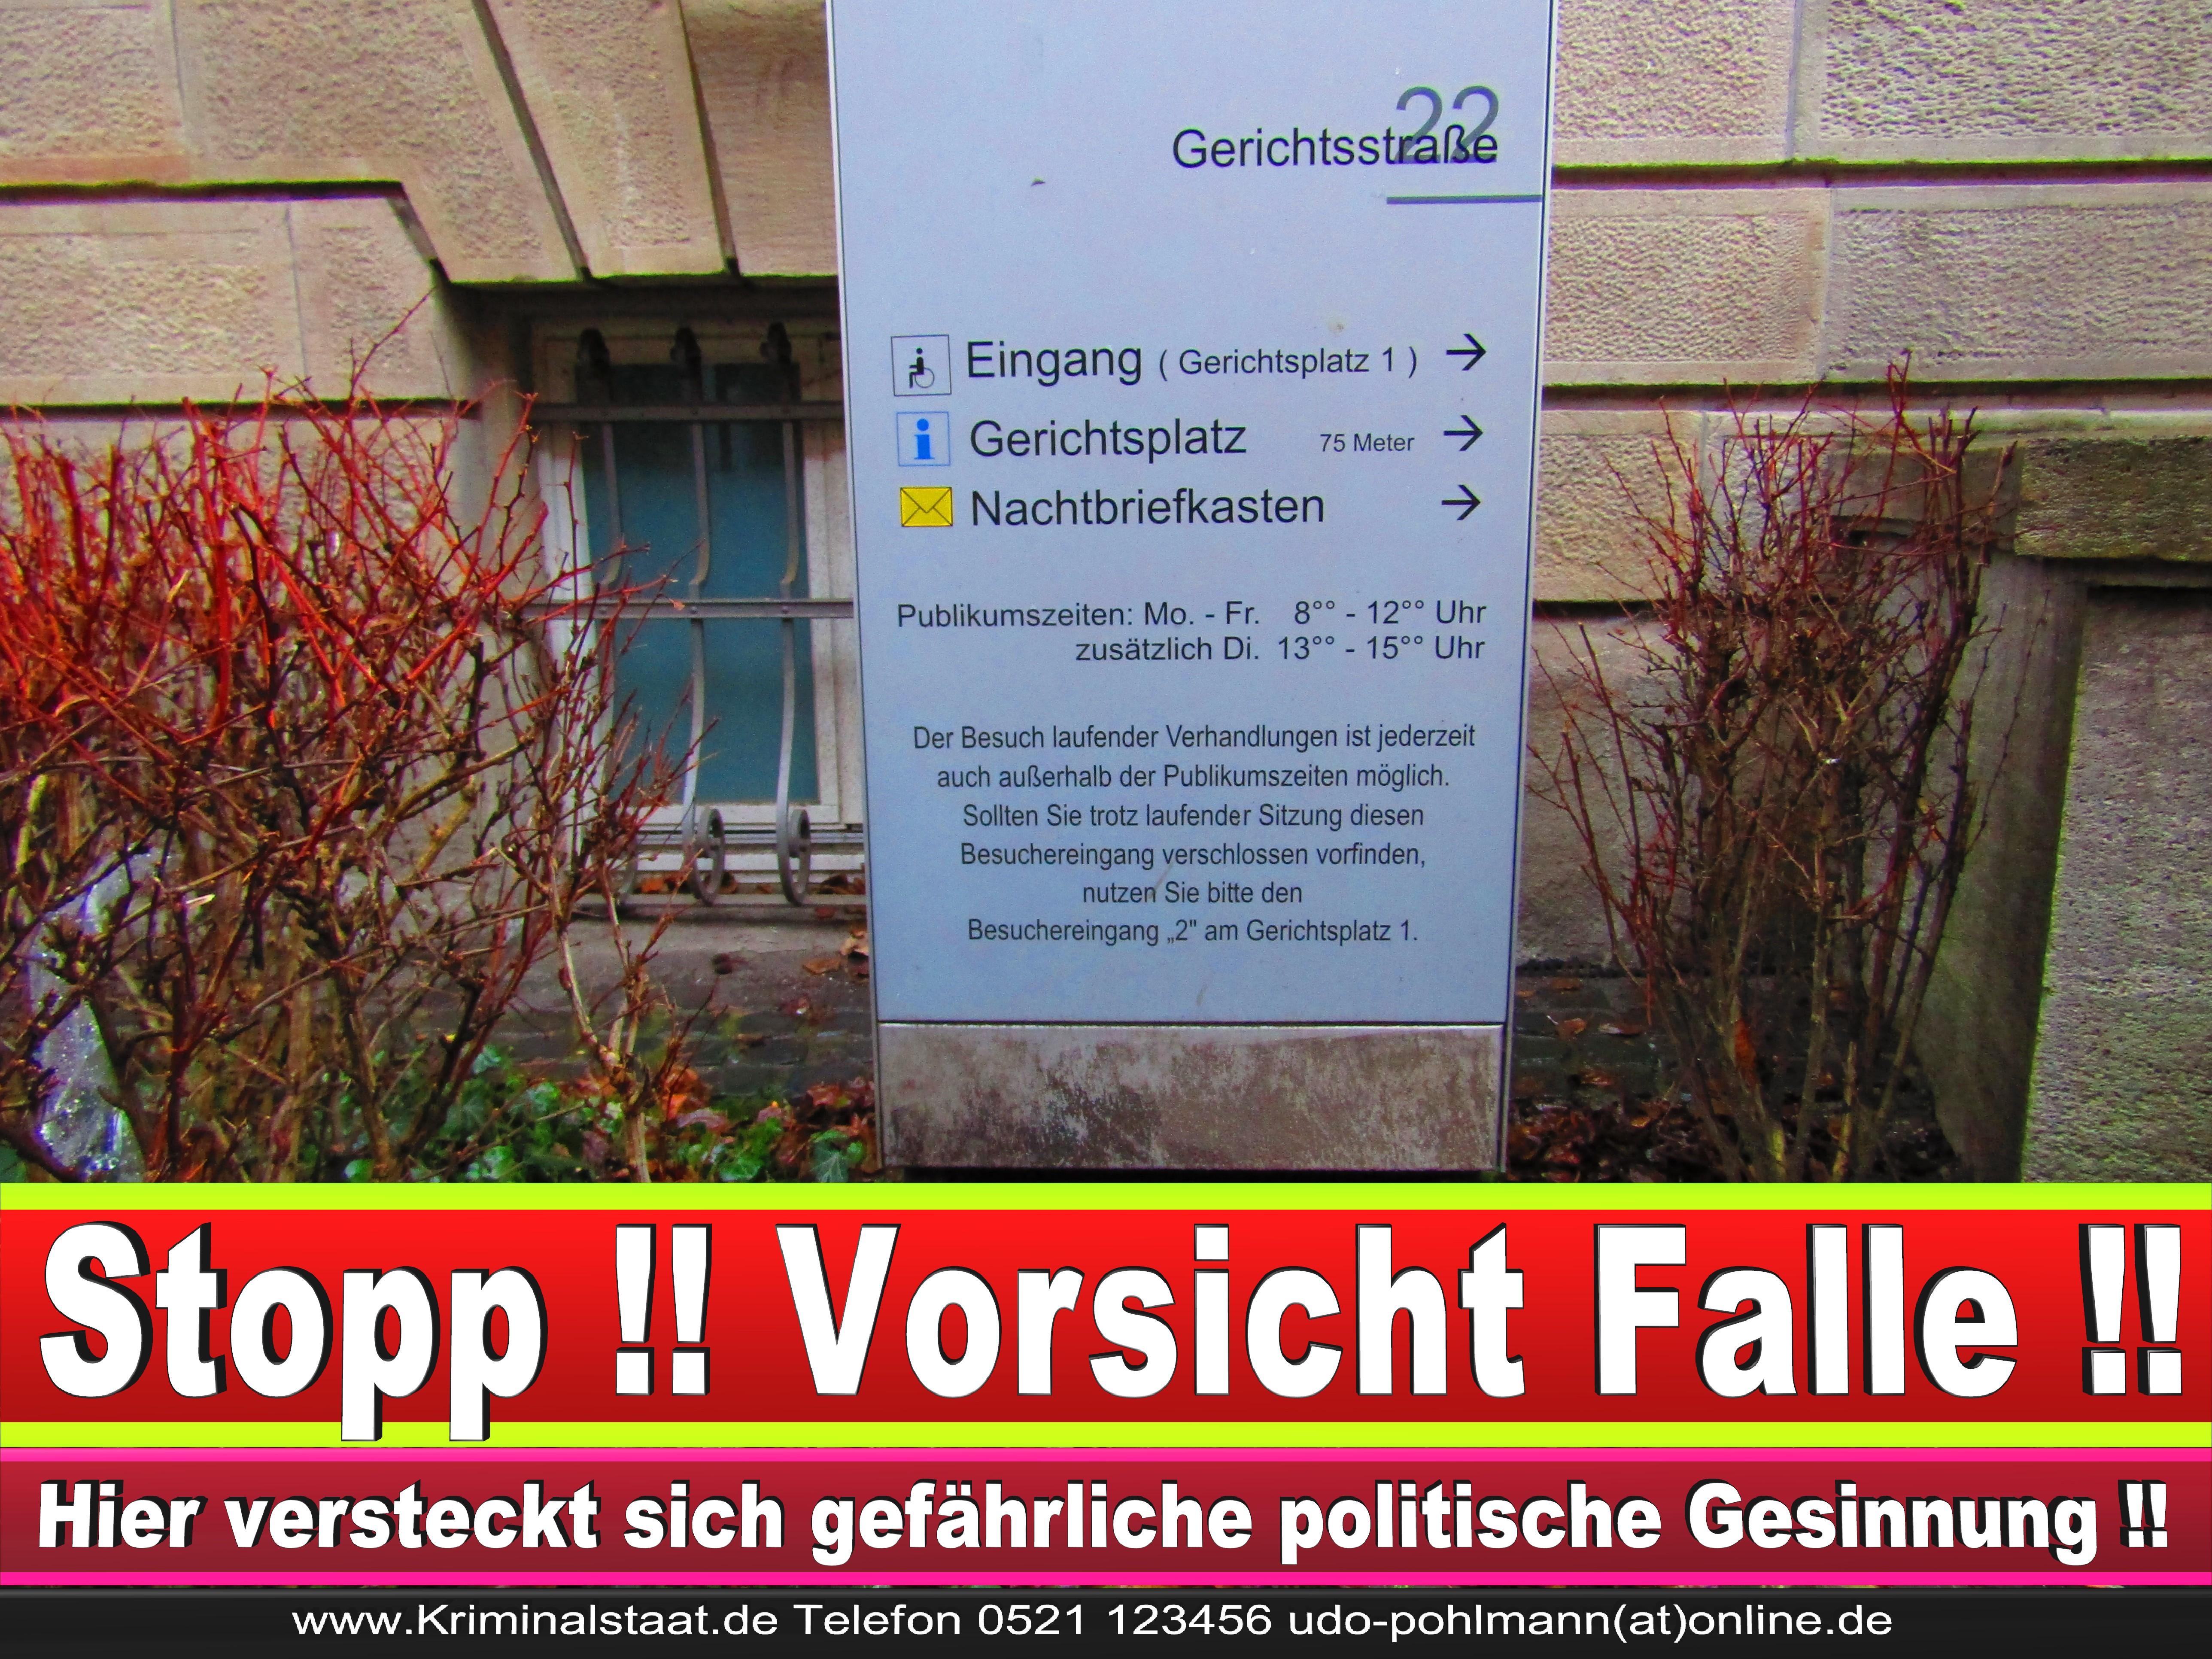 AMTSGERICHT DORTMUND RICHTER AUSBILDUNG PRAKTIKUM ANFAHRT URTEILE KORRUPTION POLIZEI ADRESSE DIREKTOR (7) 1 1